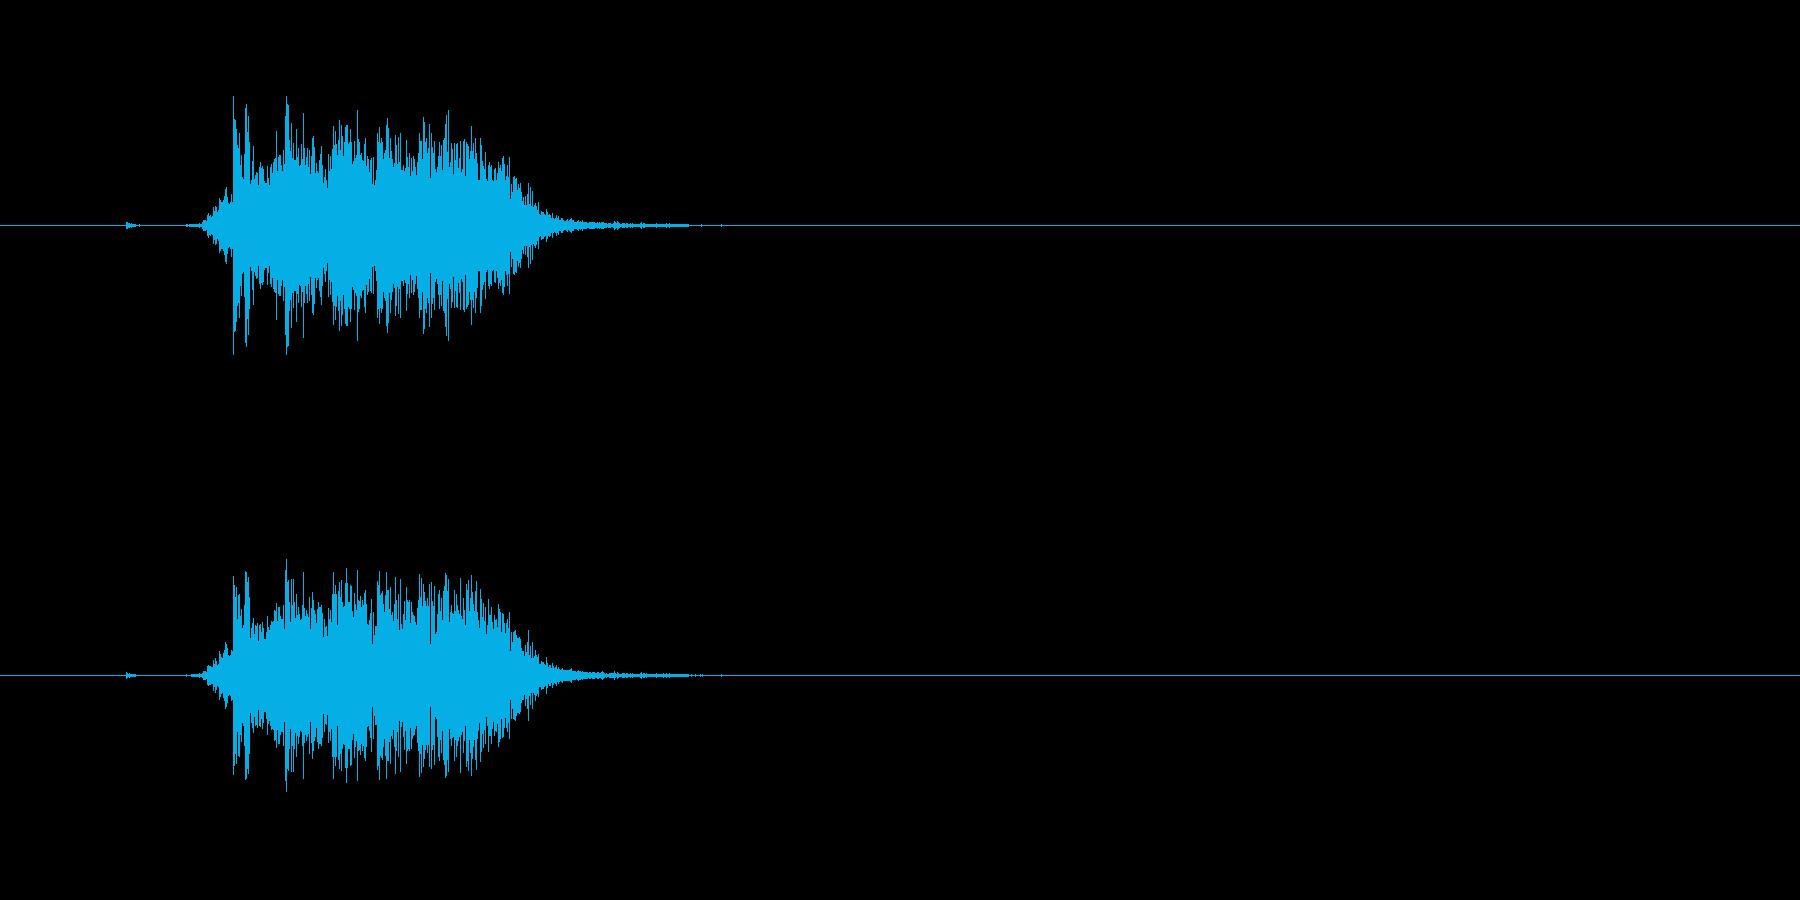 【カーテン02-2】の再生済みの波形